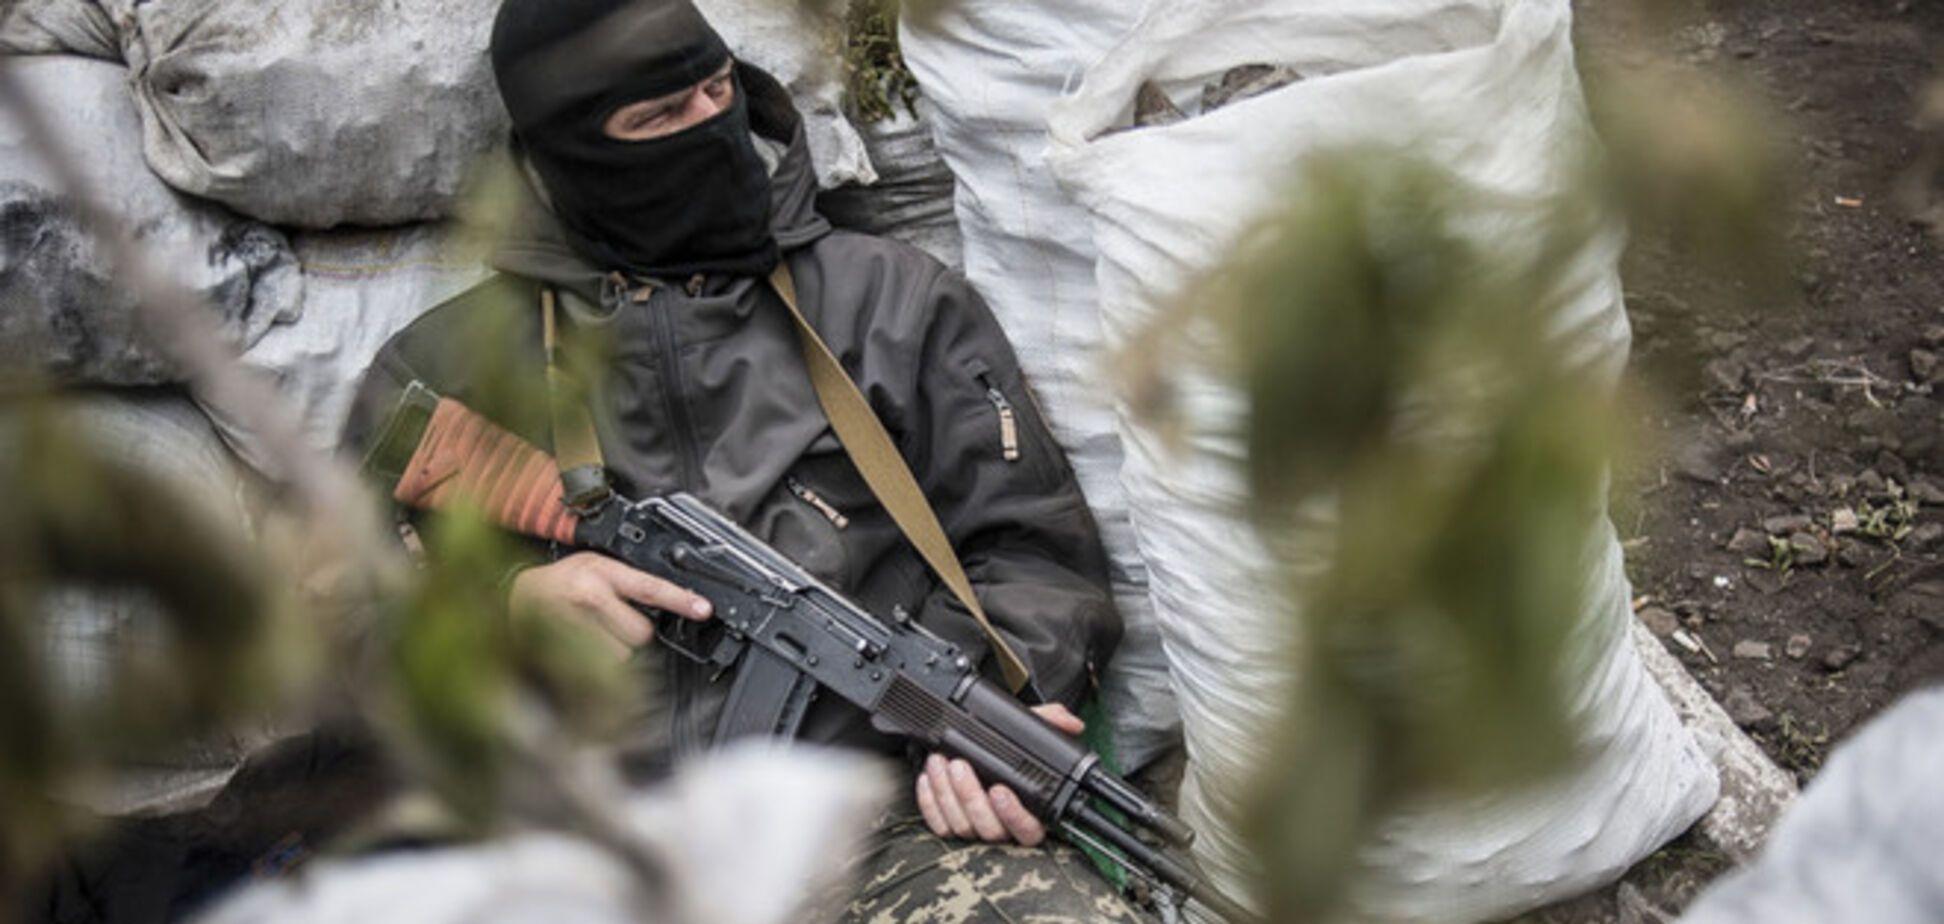 Террористы готовят 'коридор' для отступления на территорию РФ - Тымчук